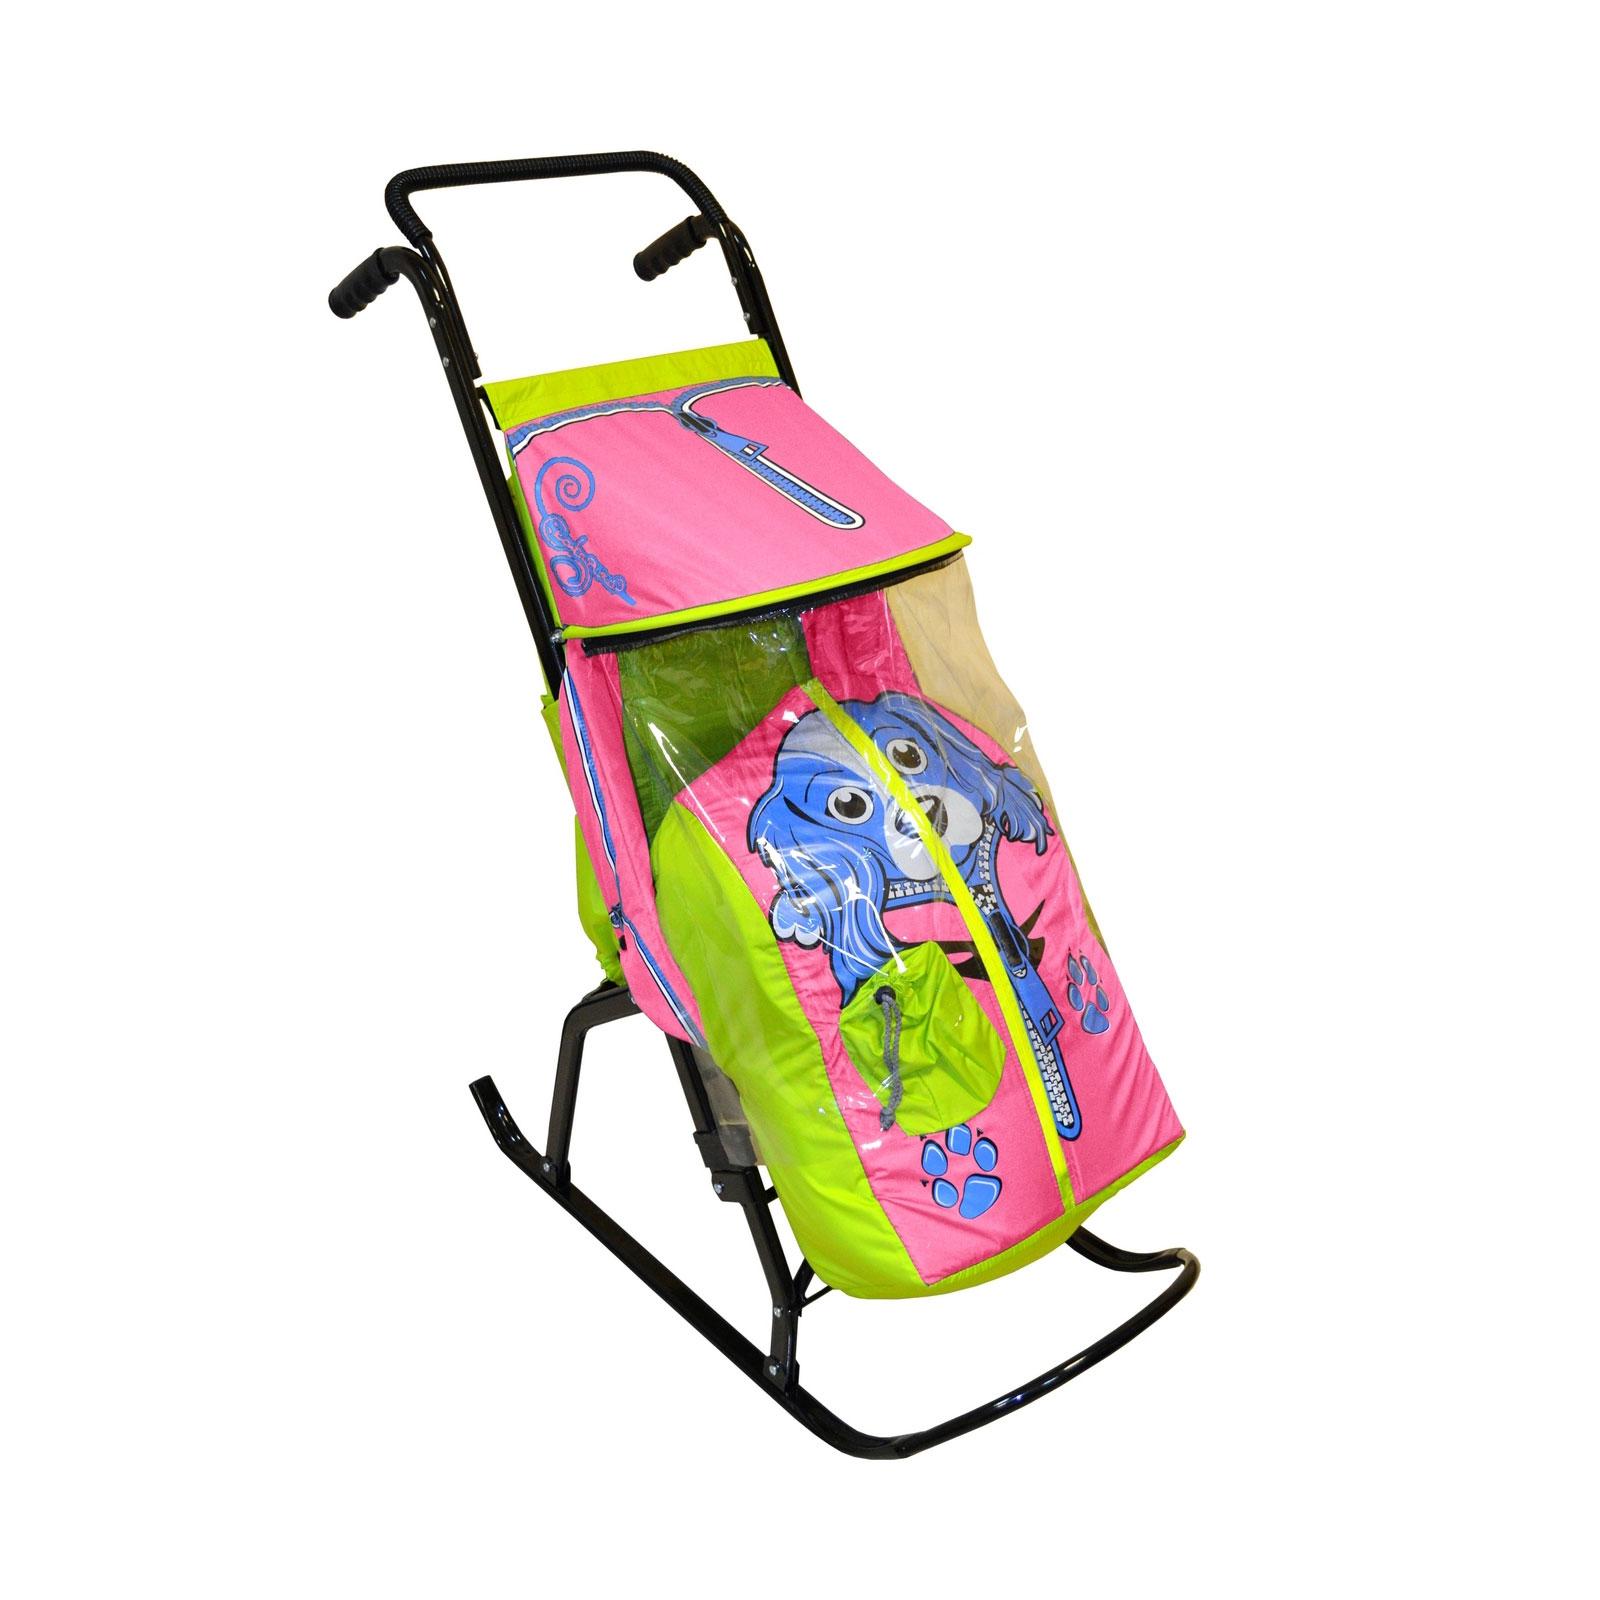 Санки-коляска Снегурочка 2-Р Собачка Салатовые с розовым